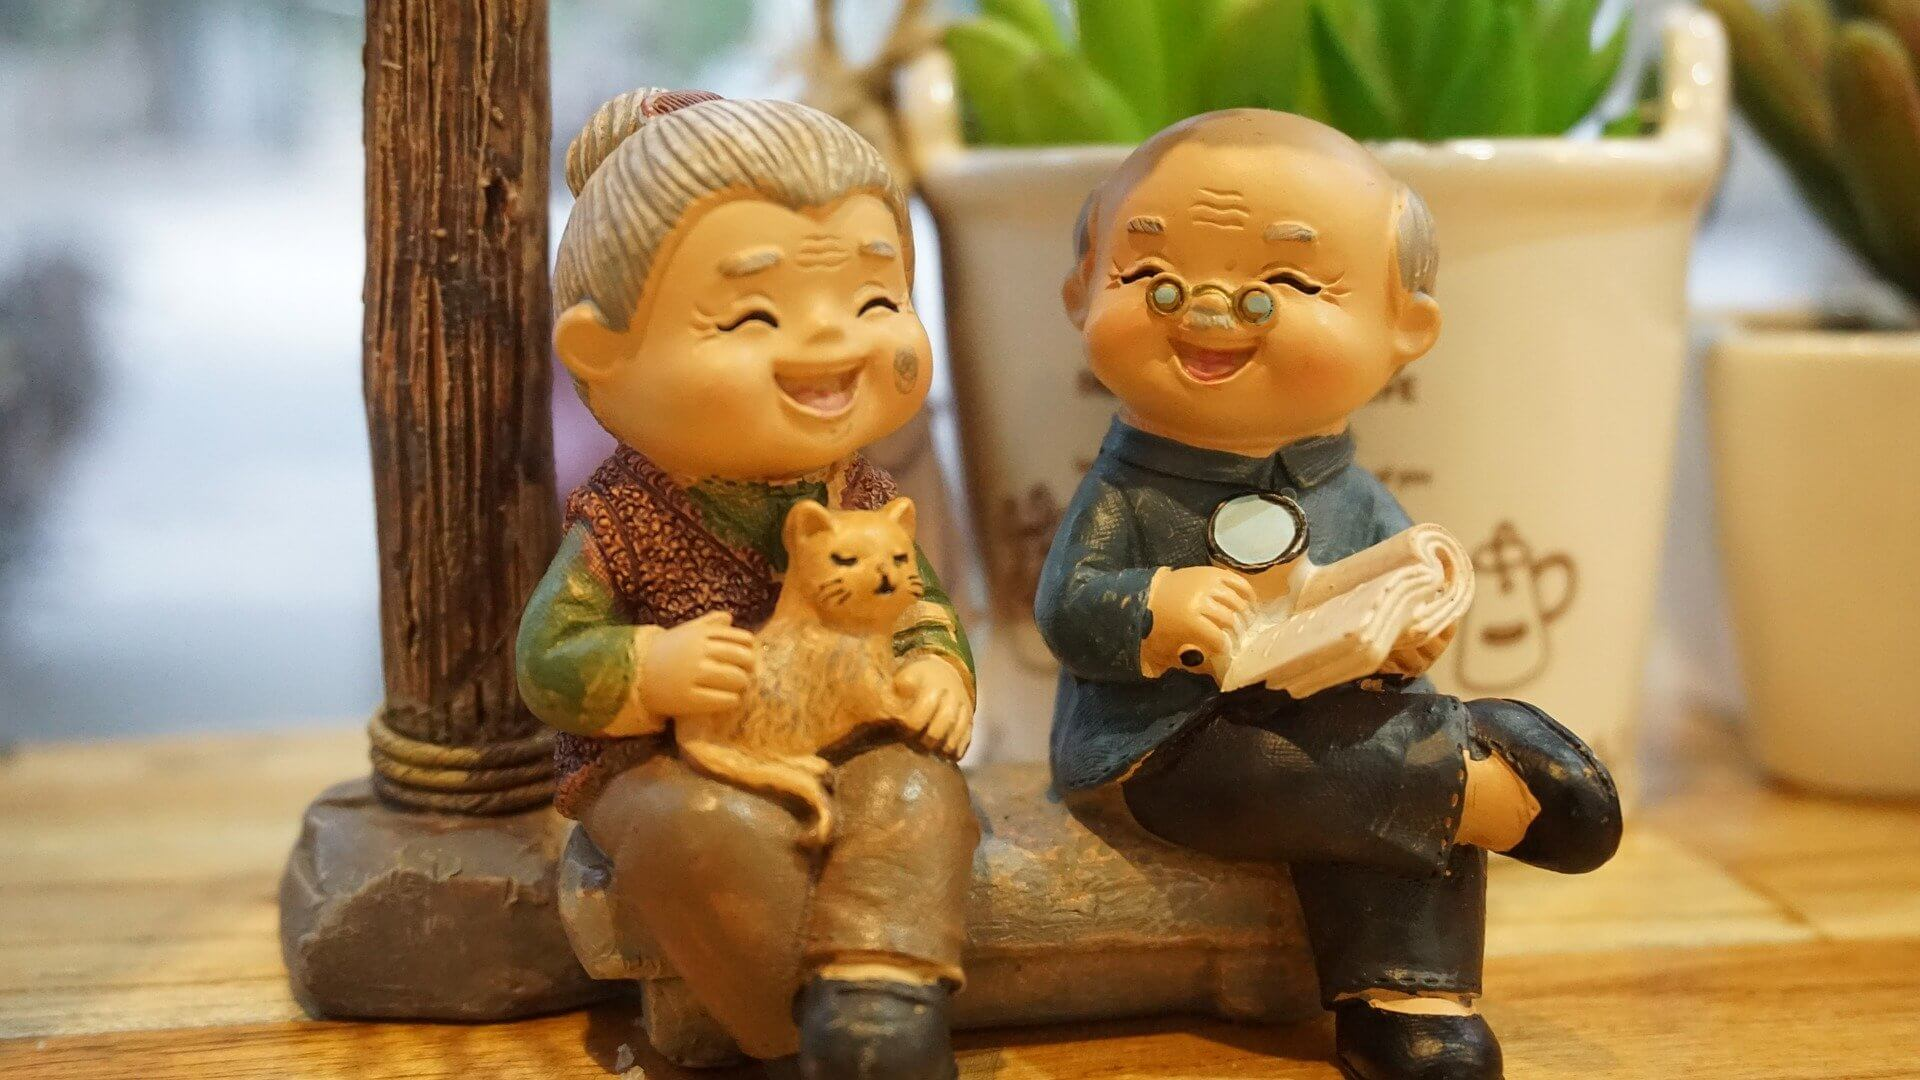 年金暮らしの両親を養っている場合の「老人扶養親族」とは